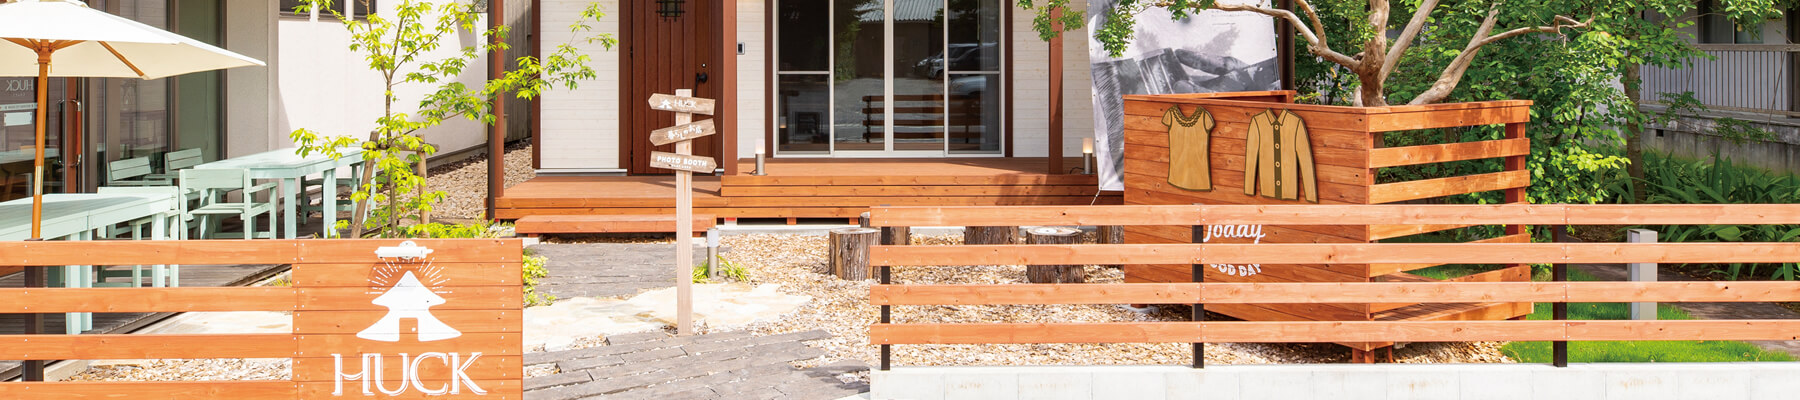 宿泊体験|安水建設|愛知県三河エリアの木造注文住宅・リフォーム